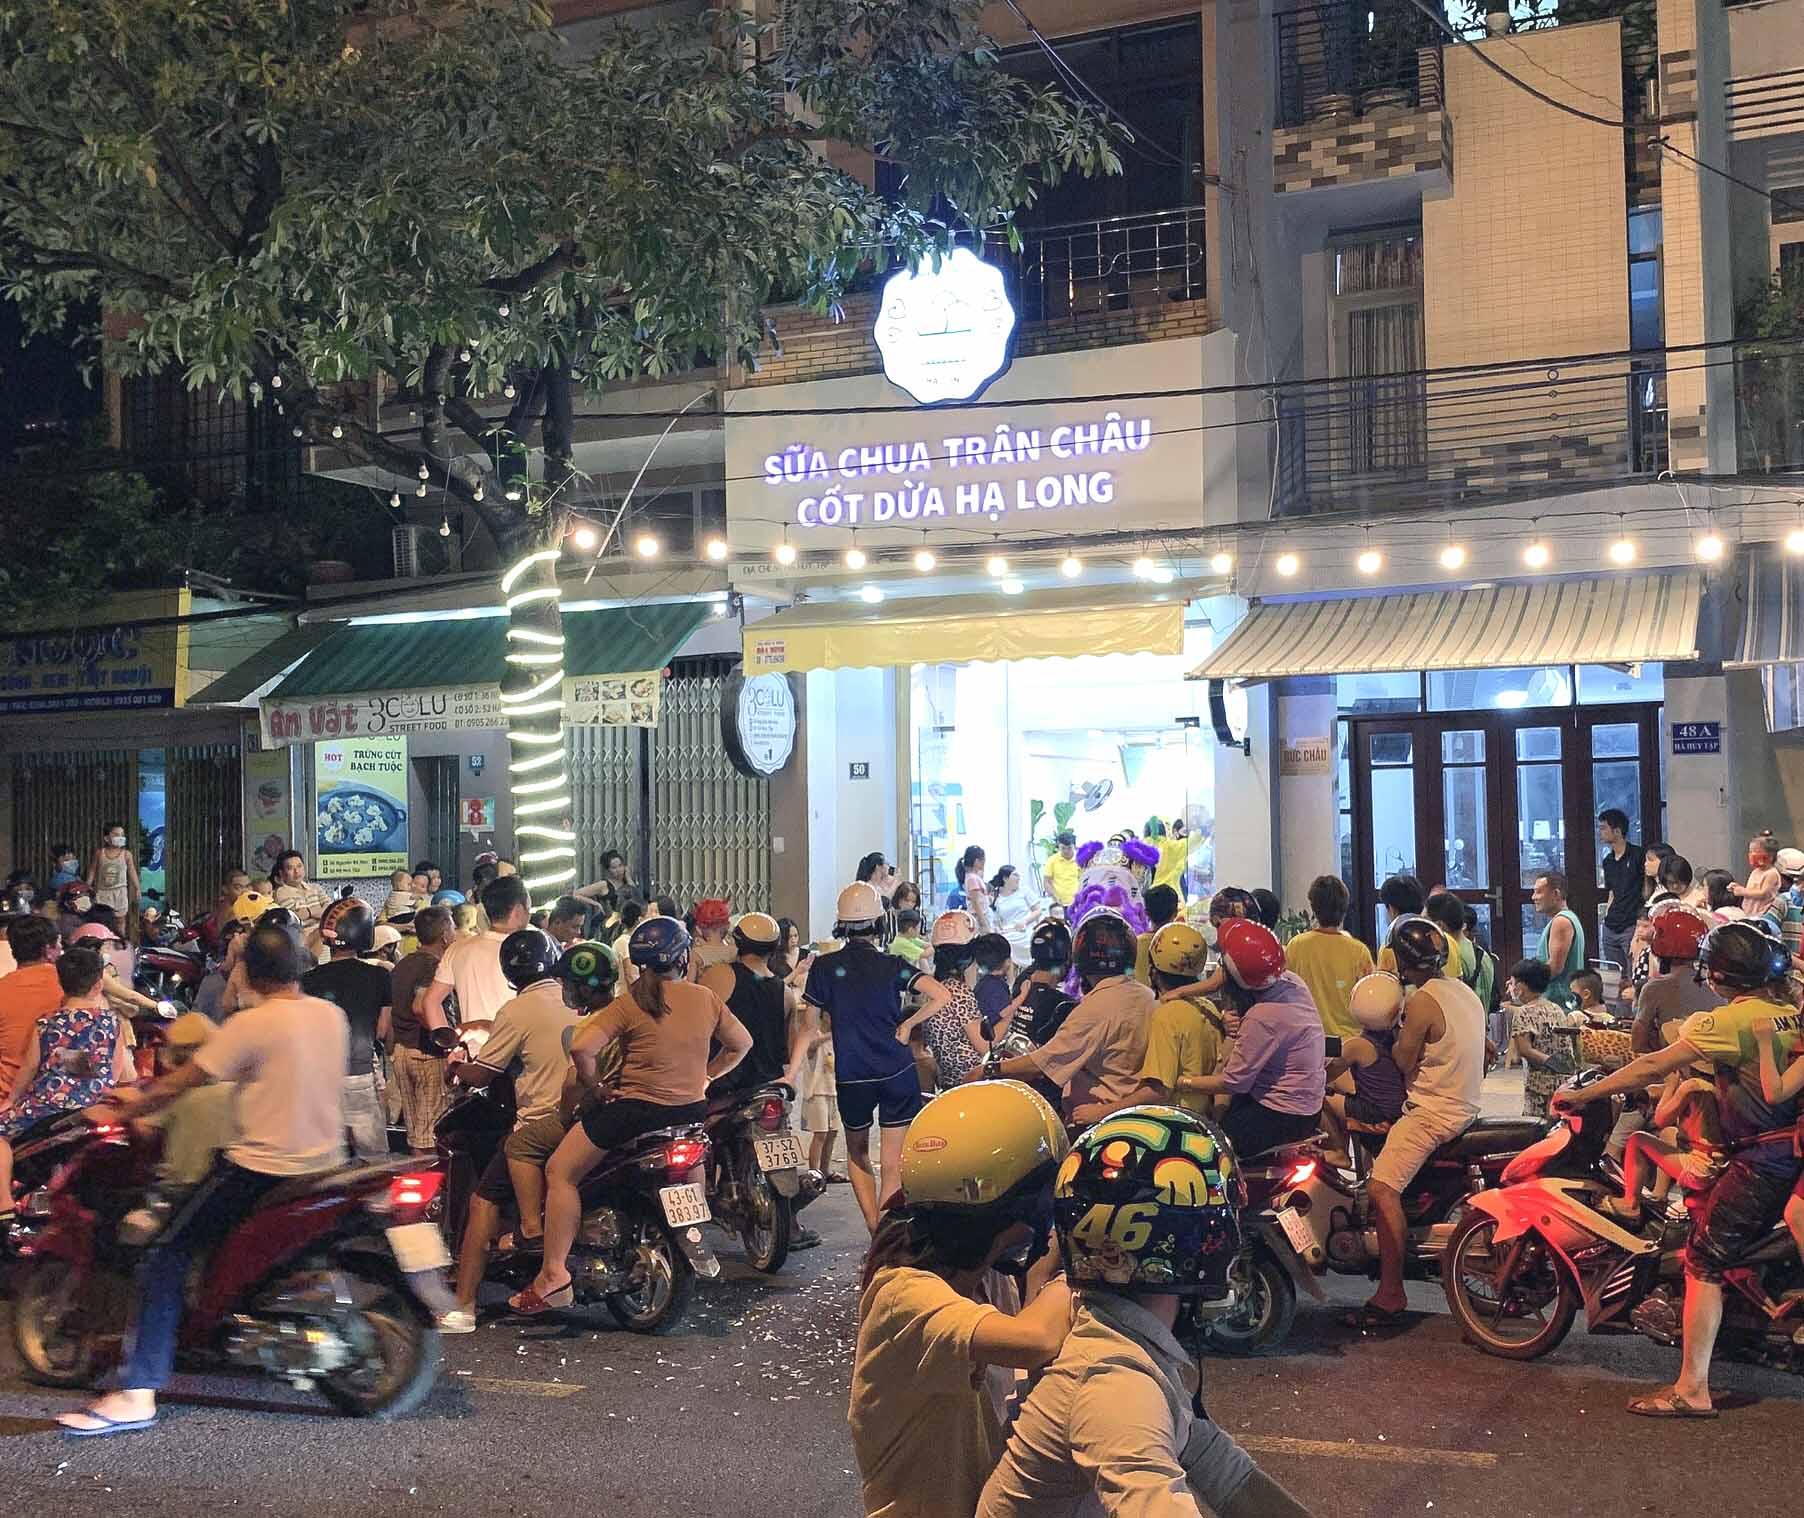 Mô hình sữa chua trân châu cốt dừa Hạ Long luôn đông nghẹt khách